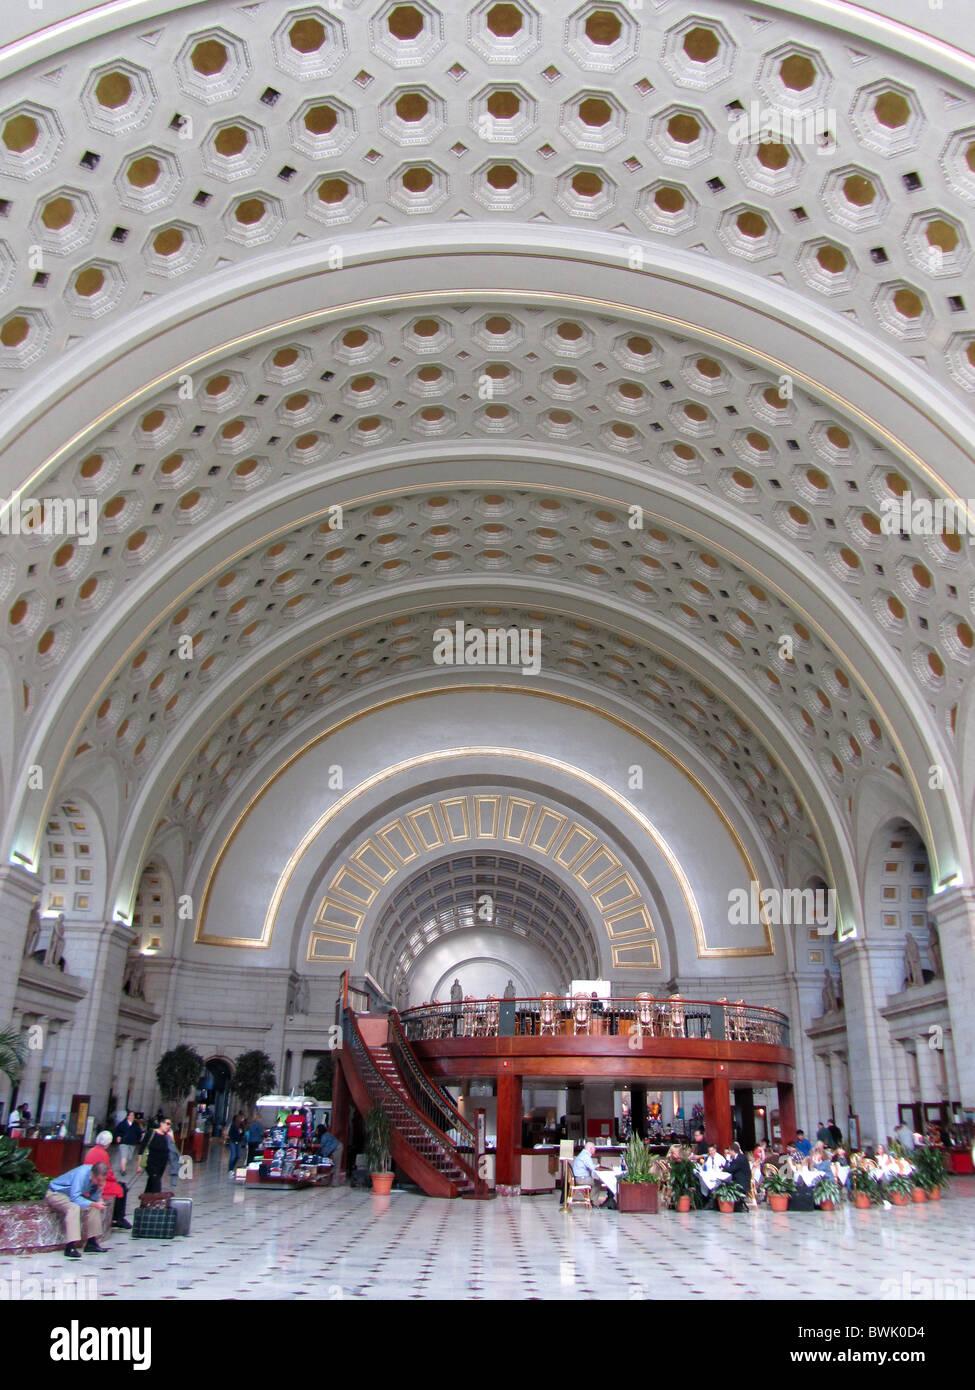 Union Station, Washington DC, USA - Stock Image